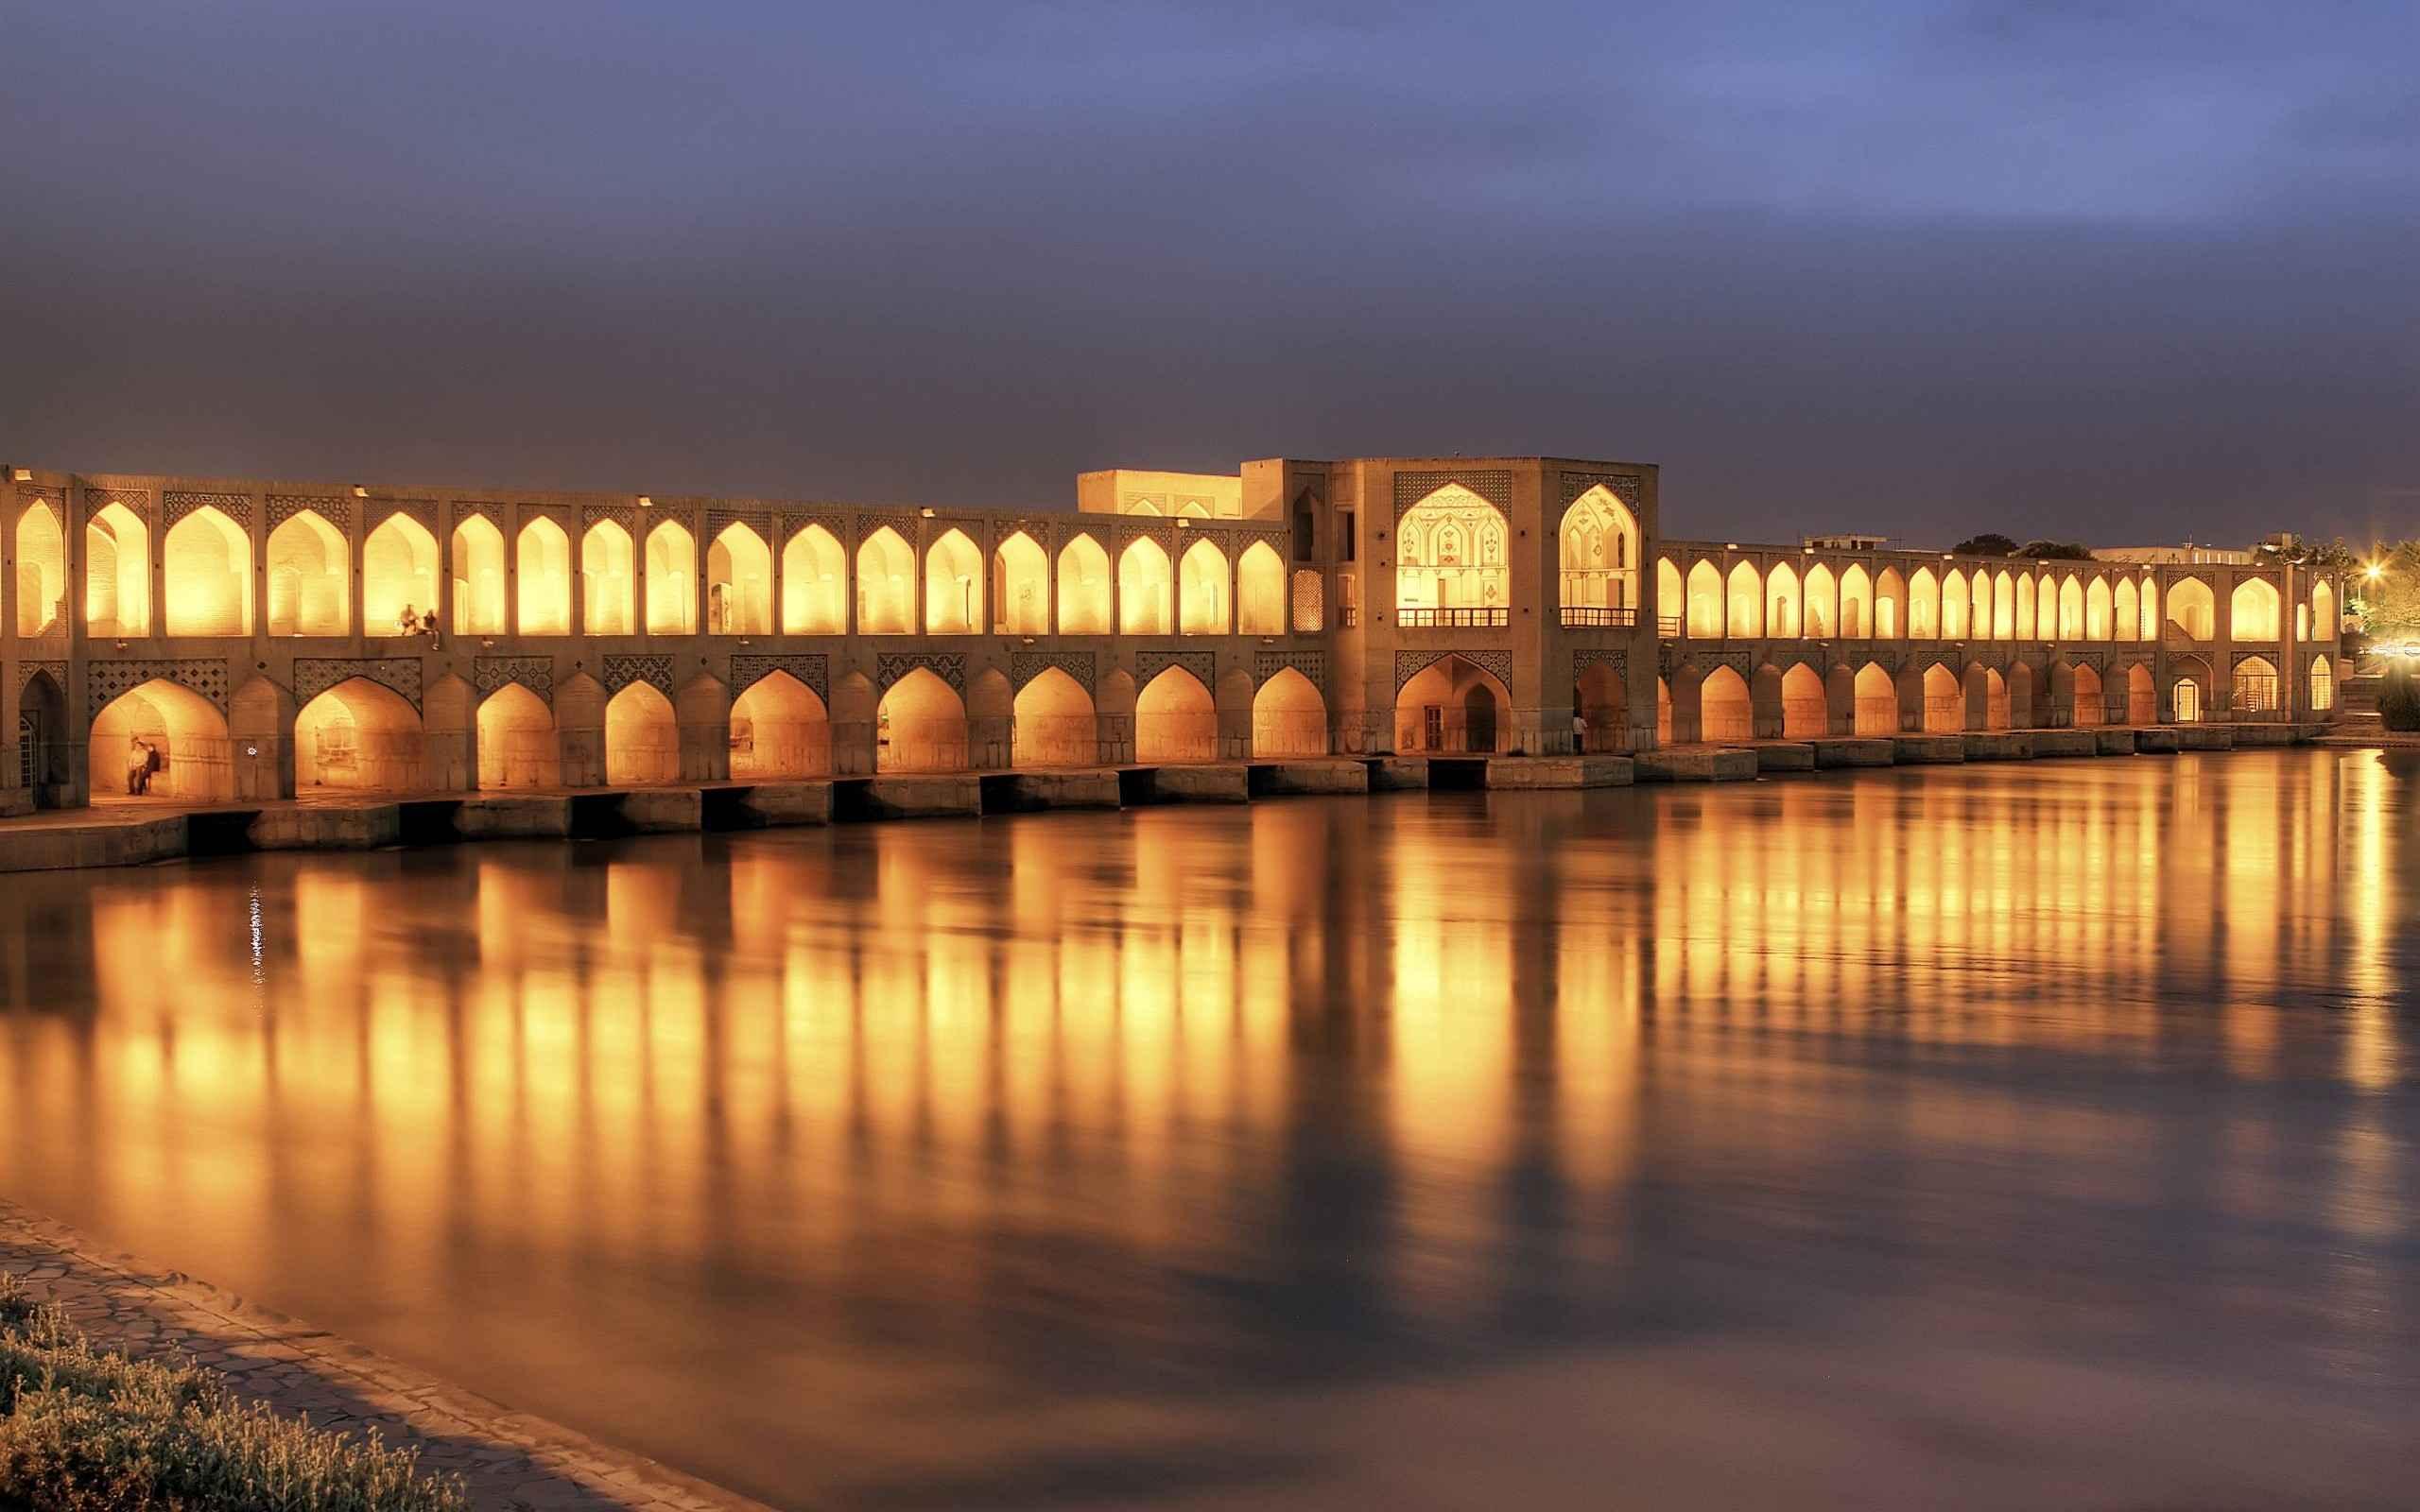 مکان های دیدنی در استان اصفهان